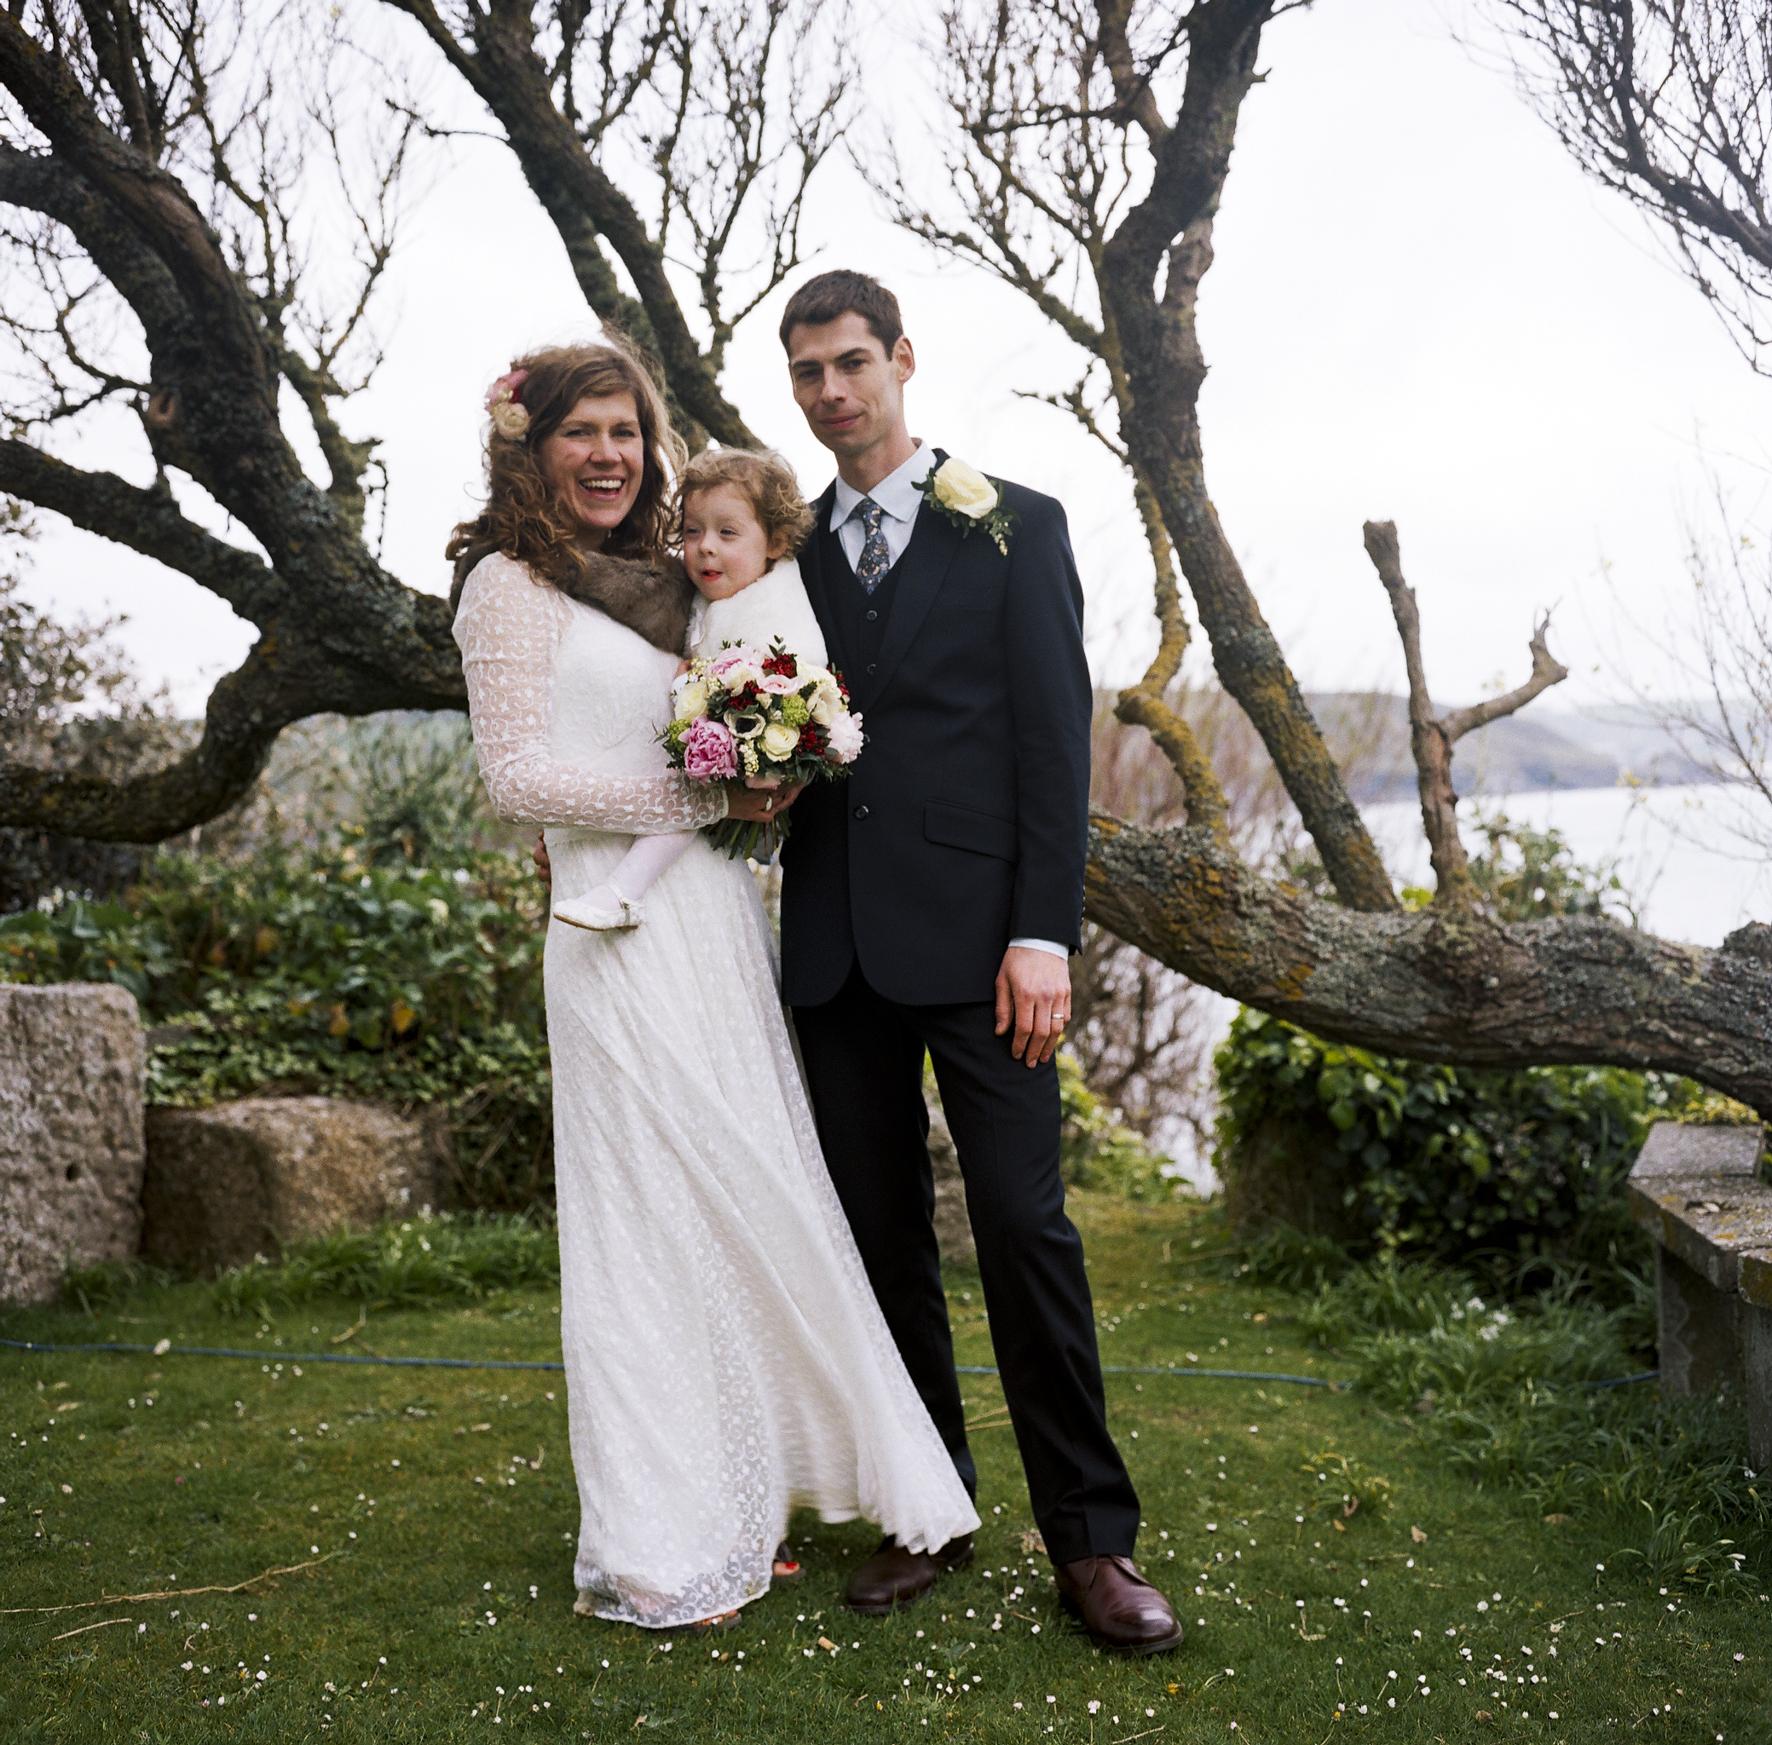 Wedding example_M&P_92550010-Edit_Claudia Leisinger.jpg